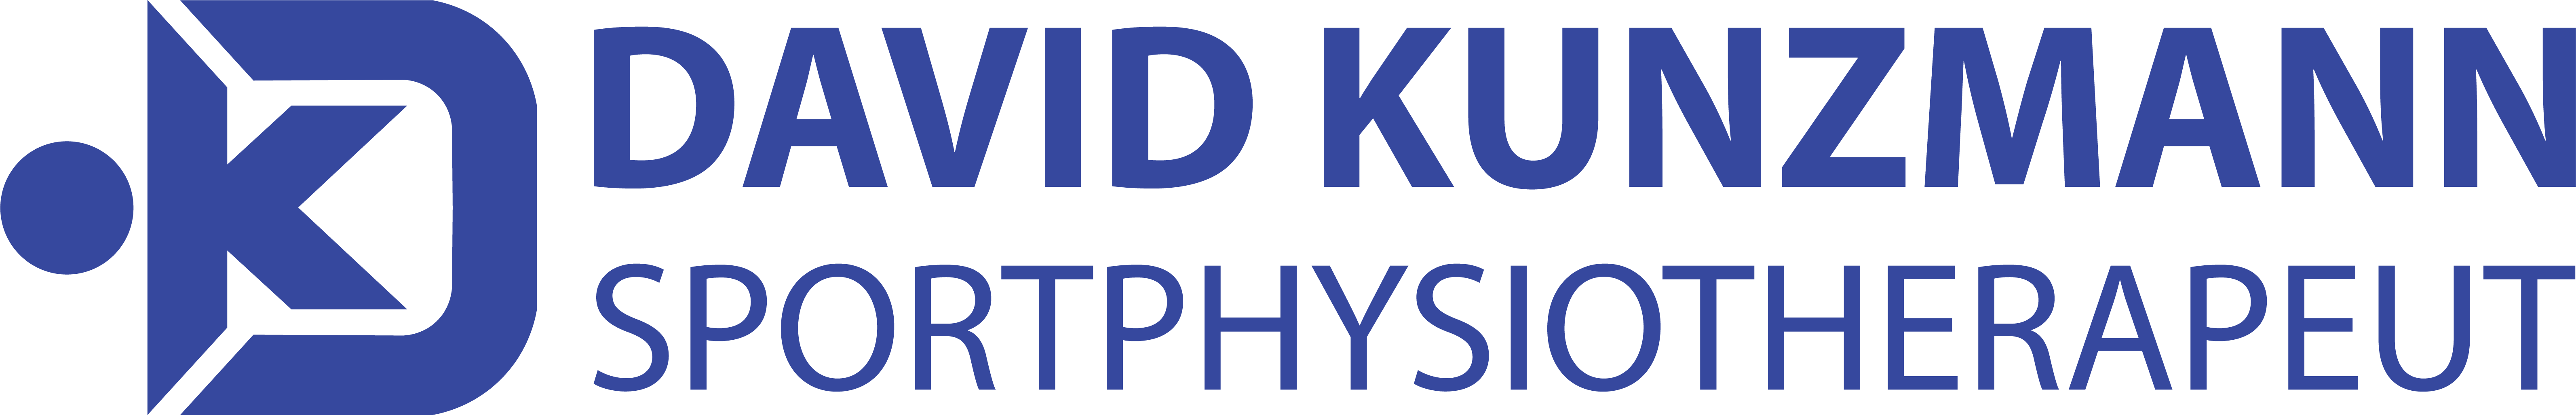 dk-sportphysio